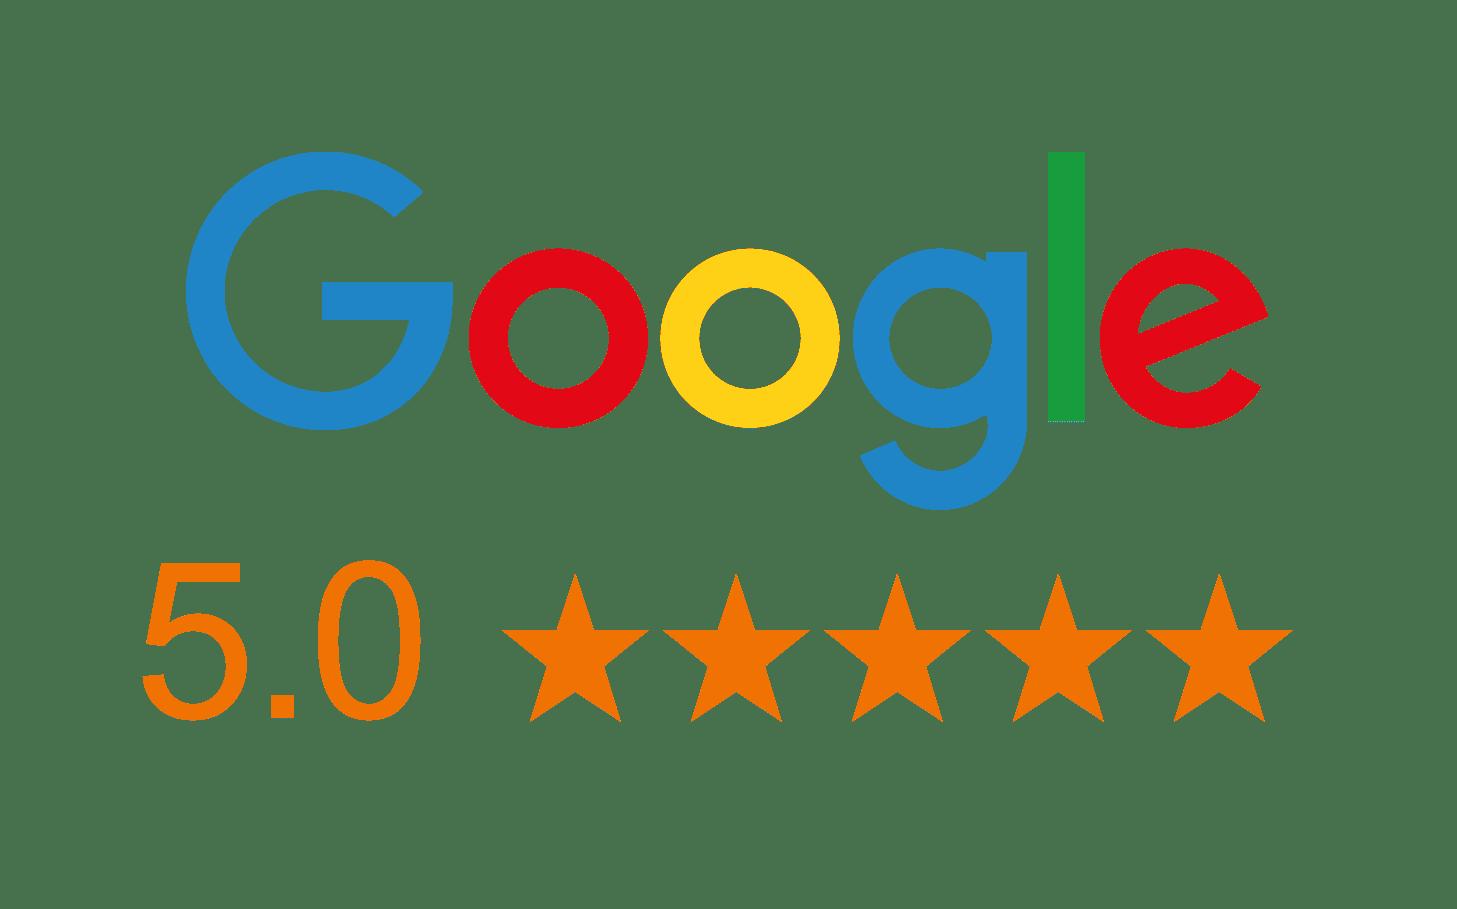 Evolved Habitat Google 5-Star Rating for Smart Home